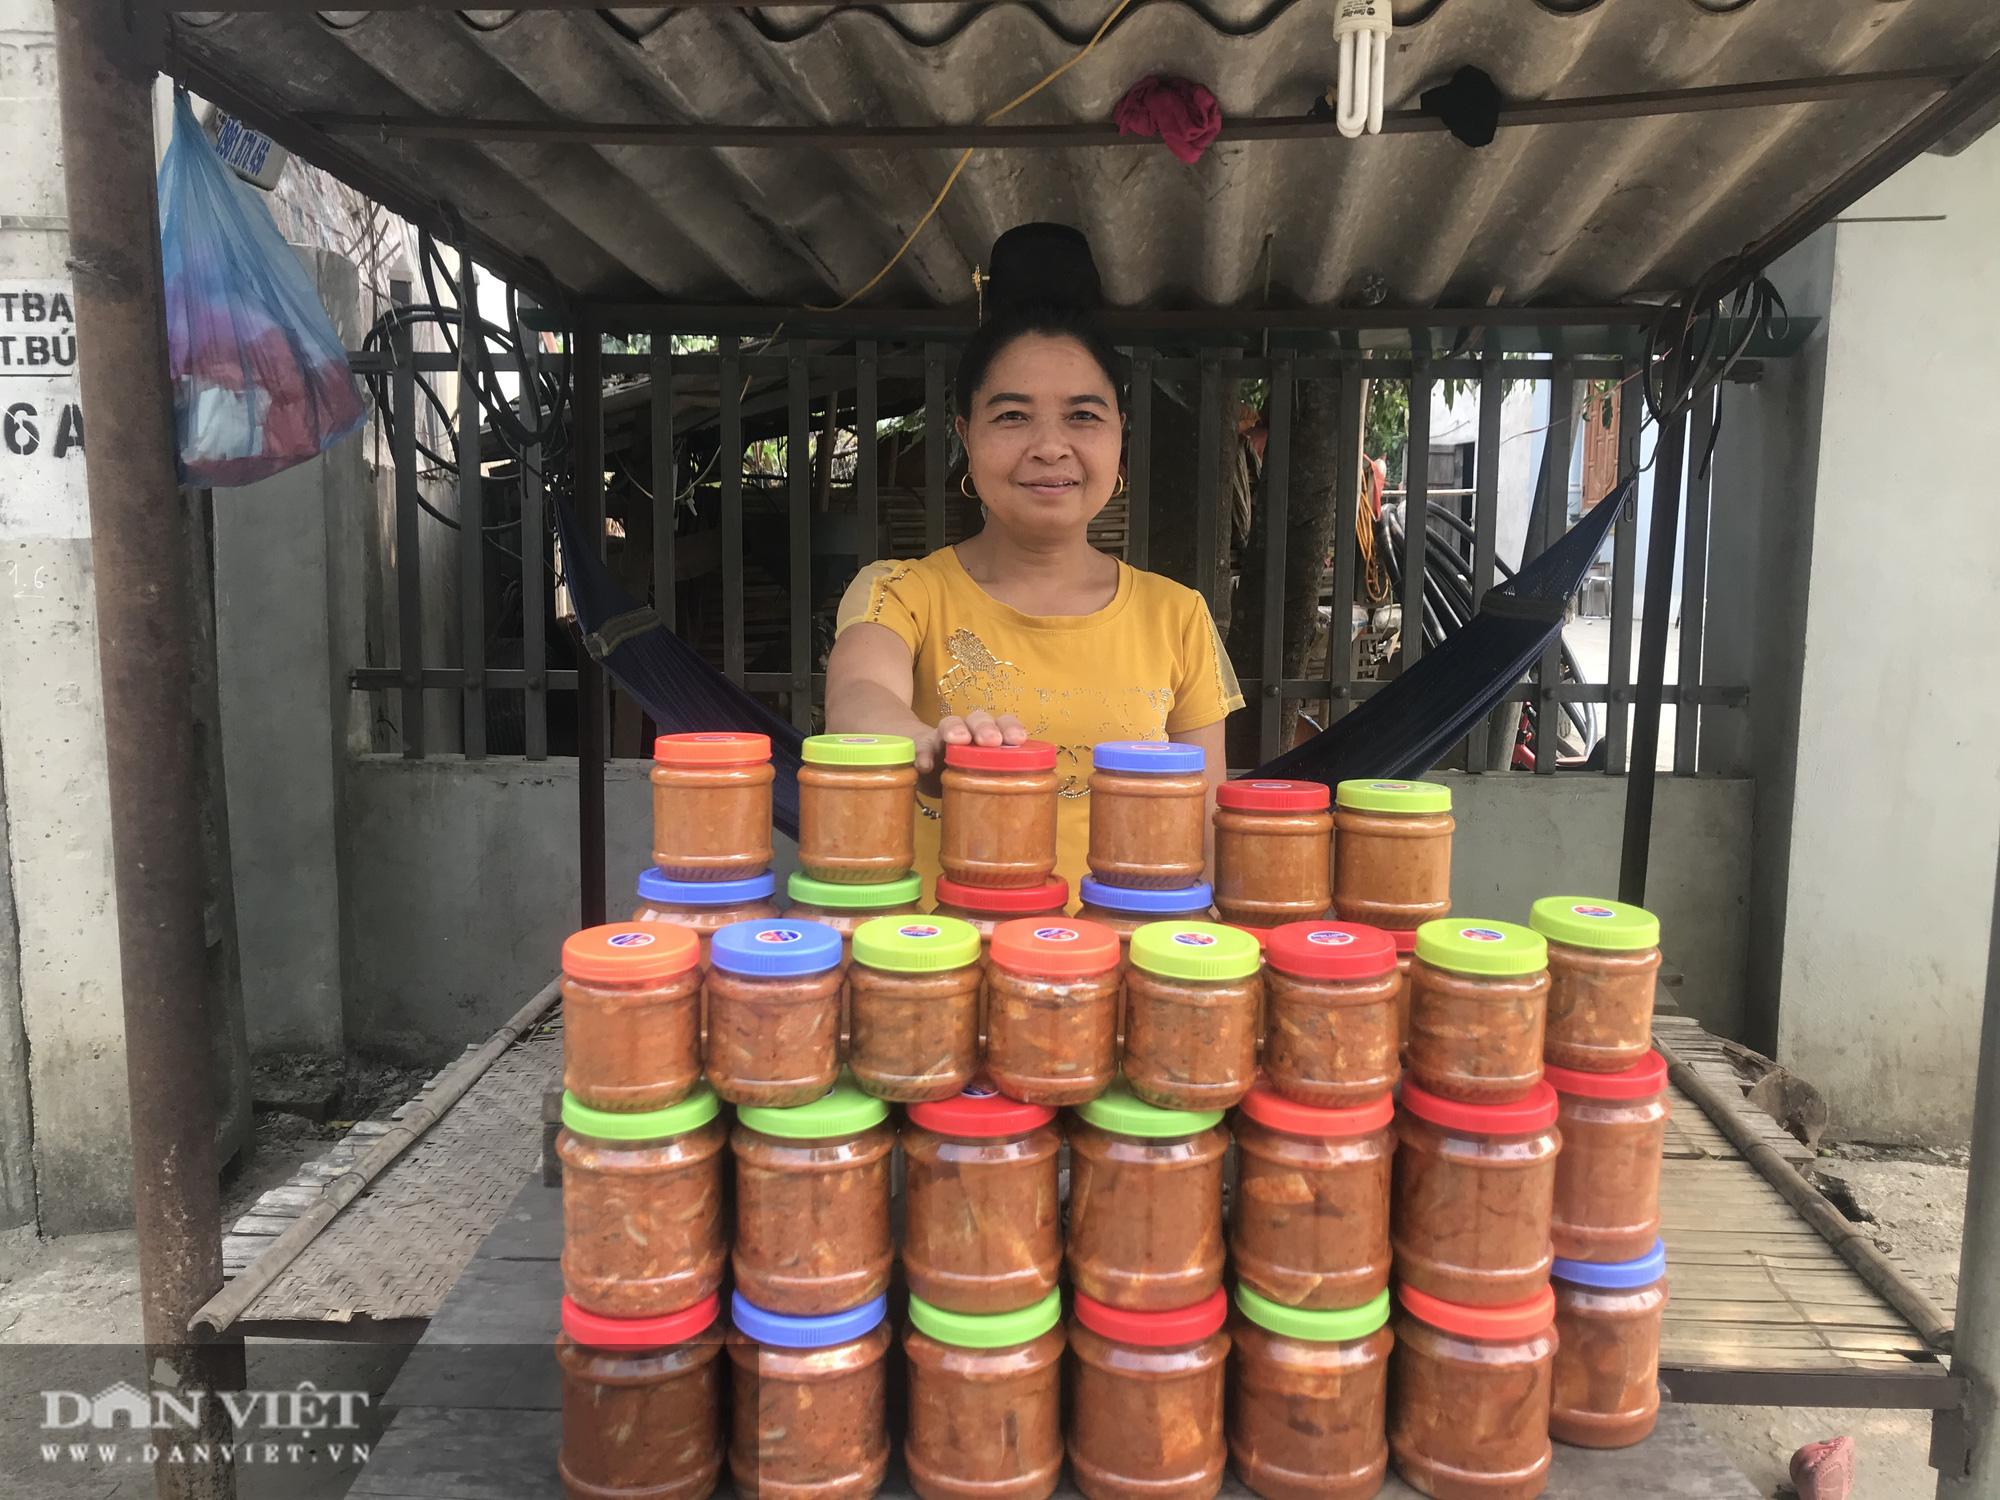 Cá chua Tạ Bú, món ngon của người Thái khiến thực khách ăn vào nhớ mãi - Ảnh 1.